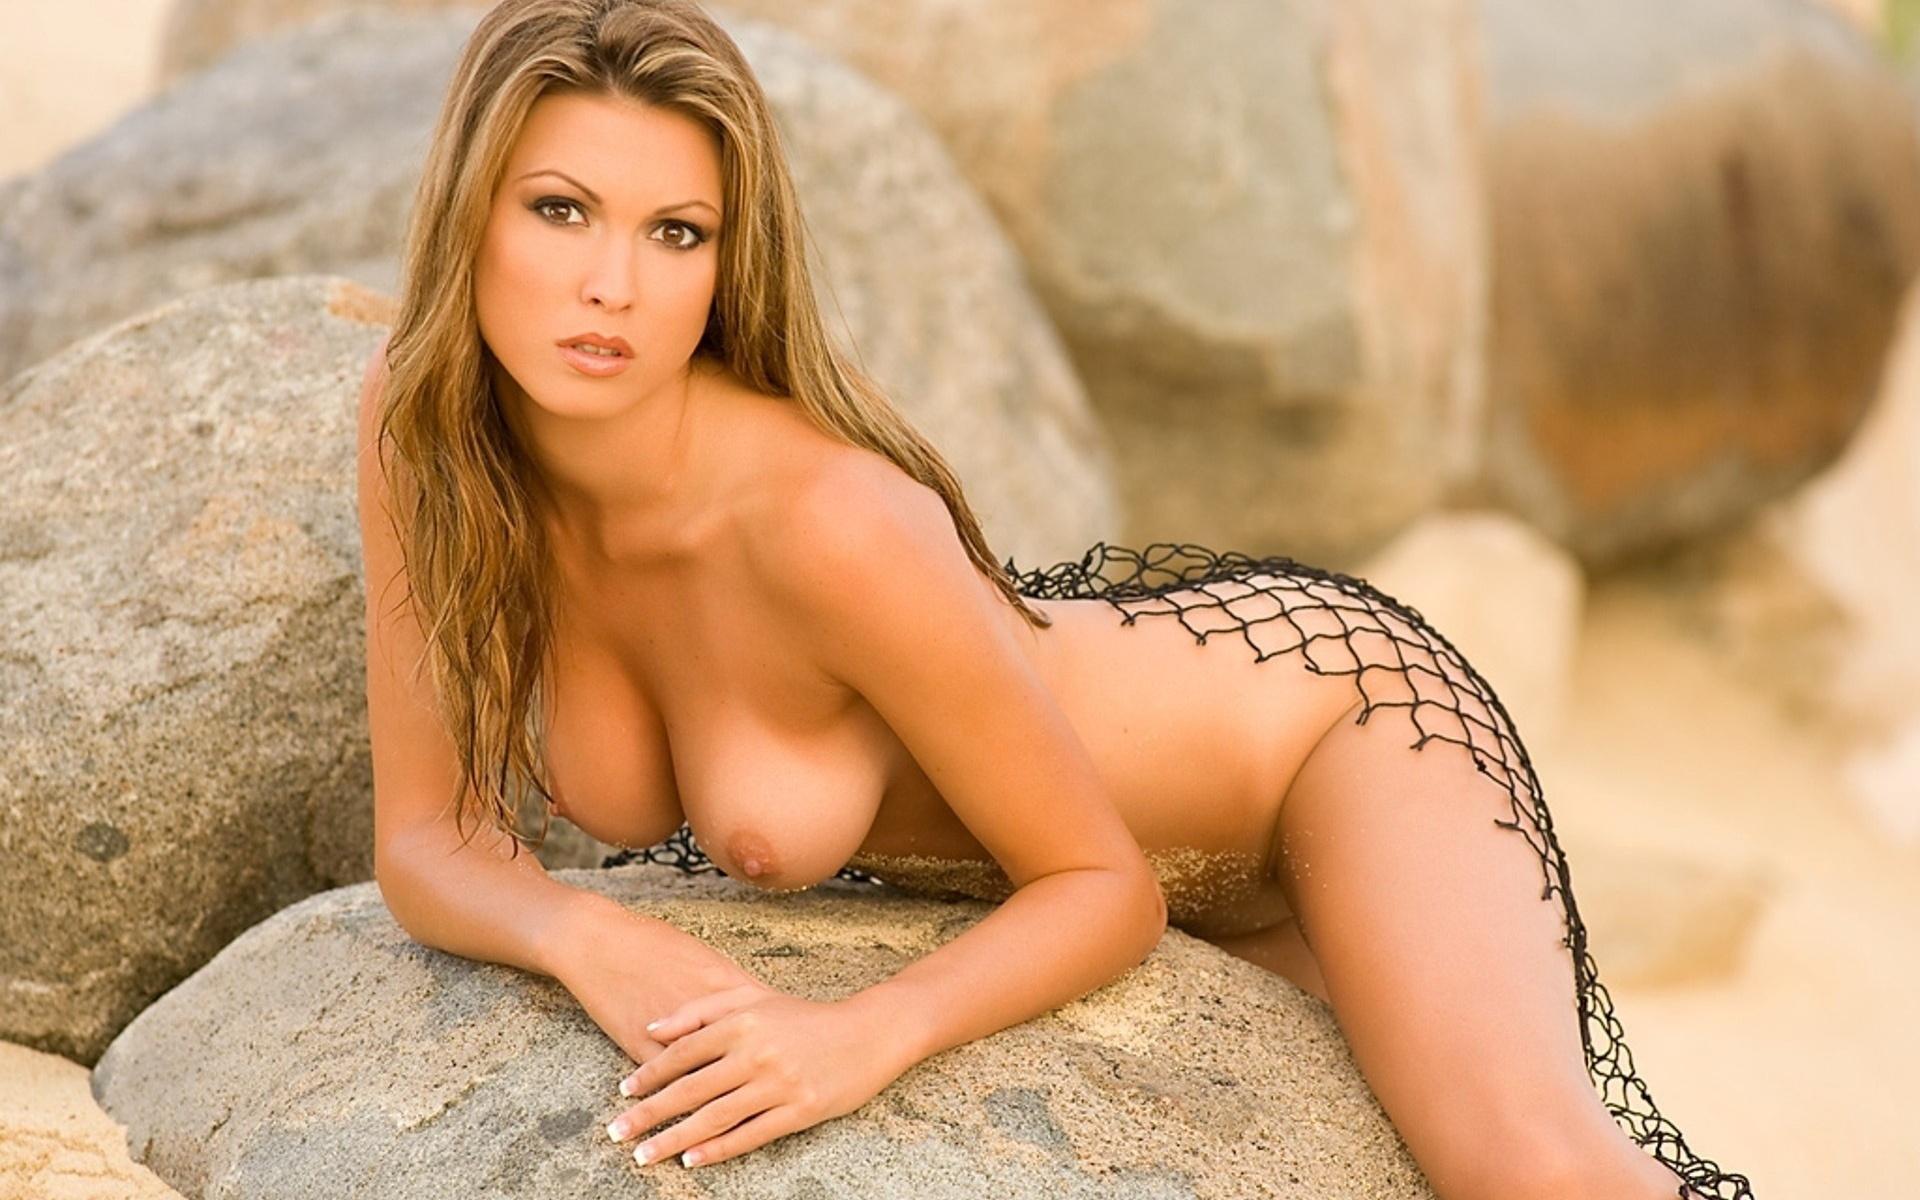 Смотреть голых красивых девушек в картинках, Голые красивые девушки на фото и обнаженные 1 фотография